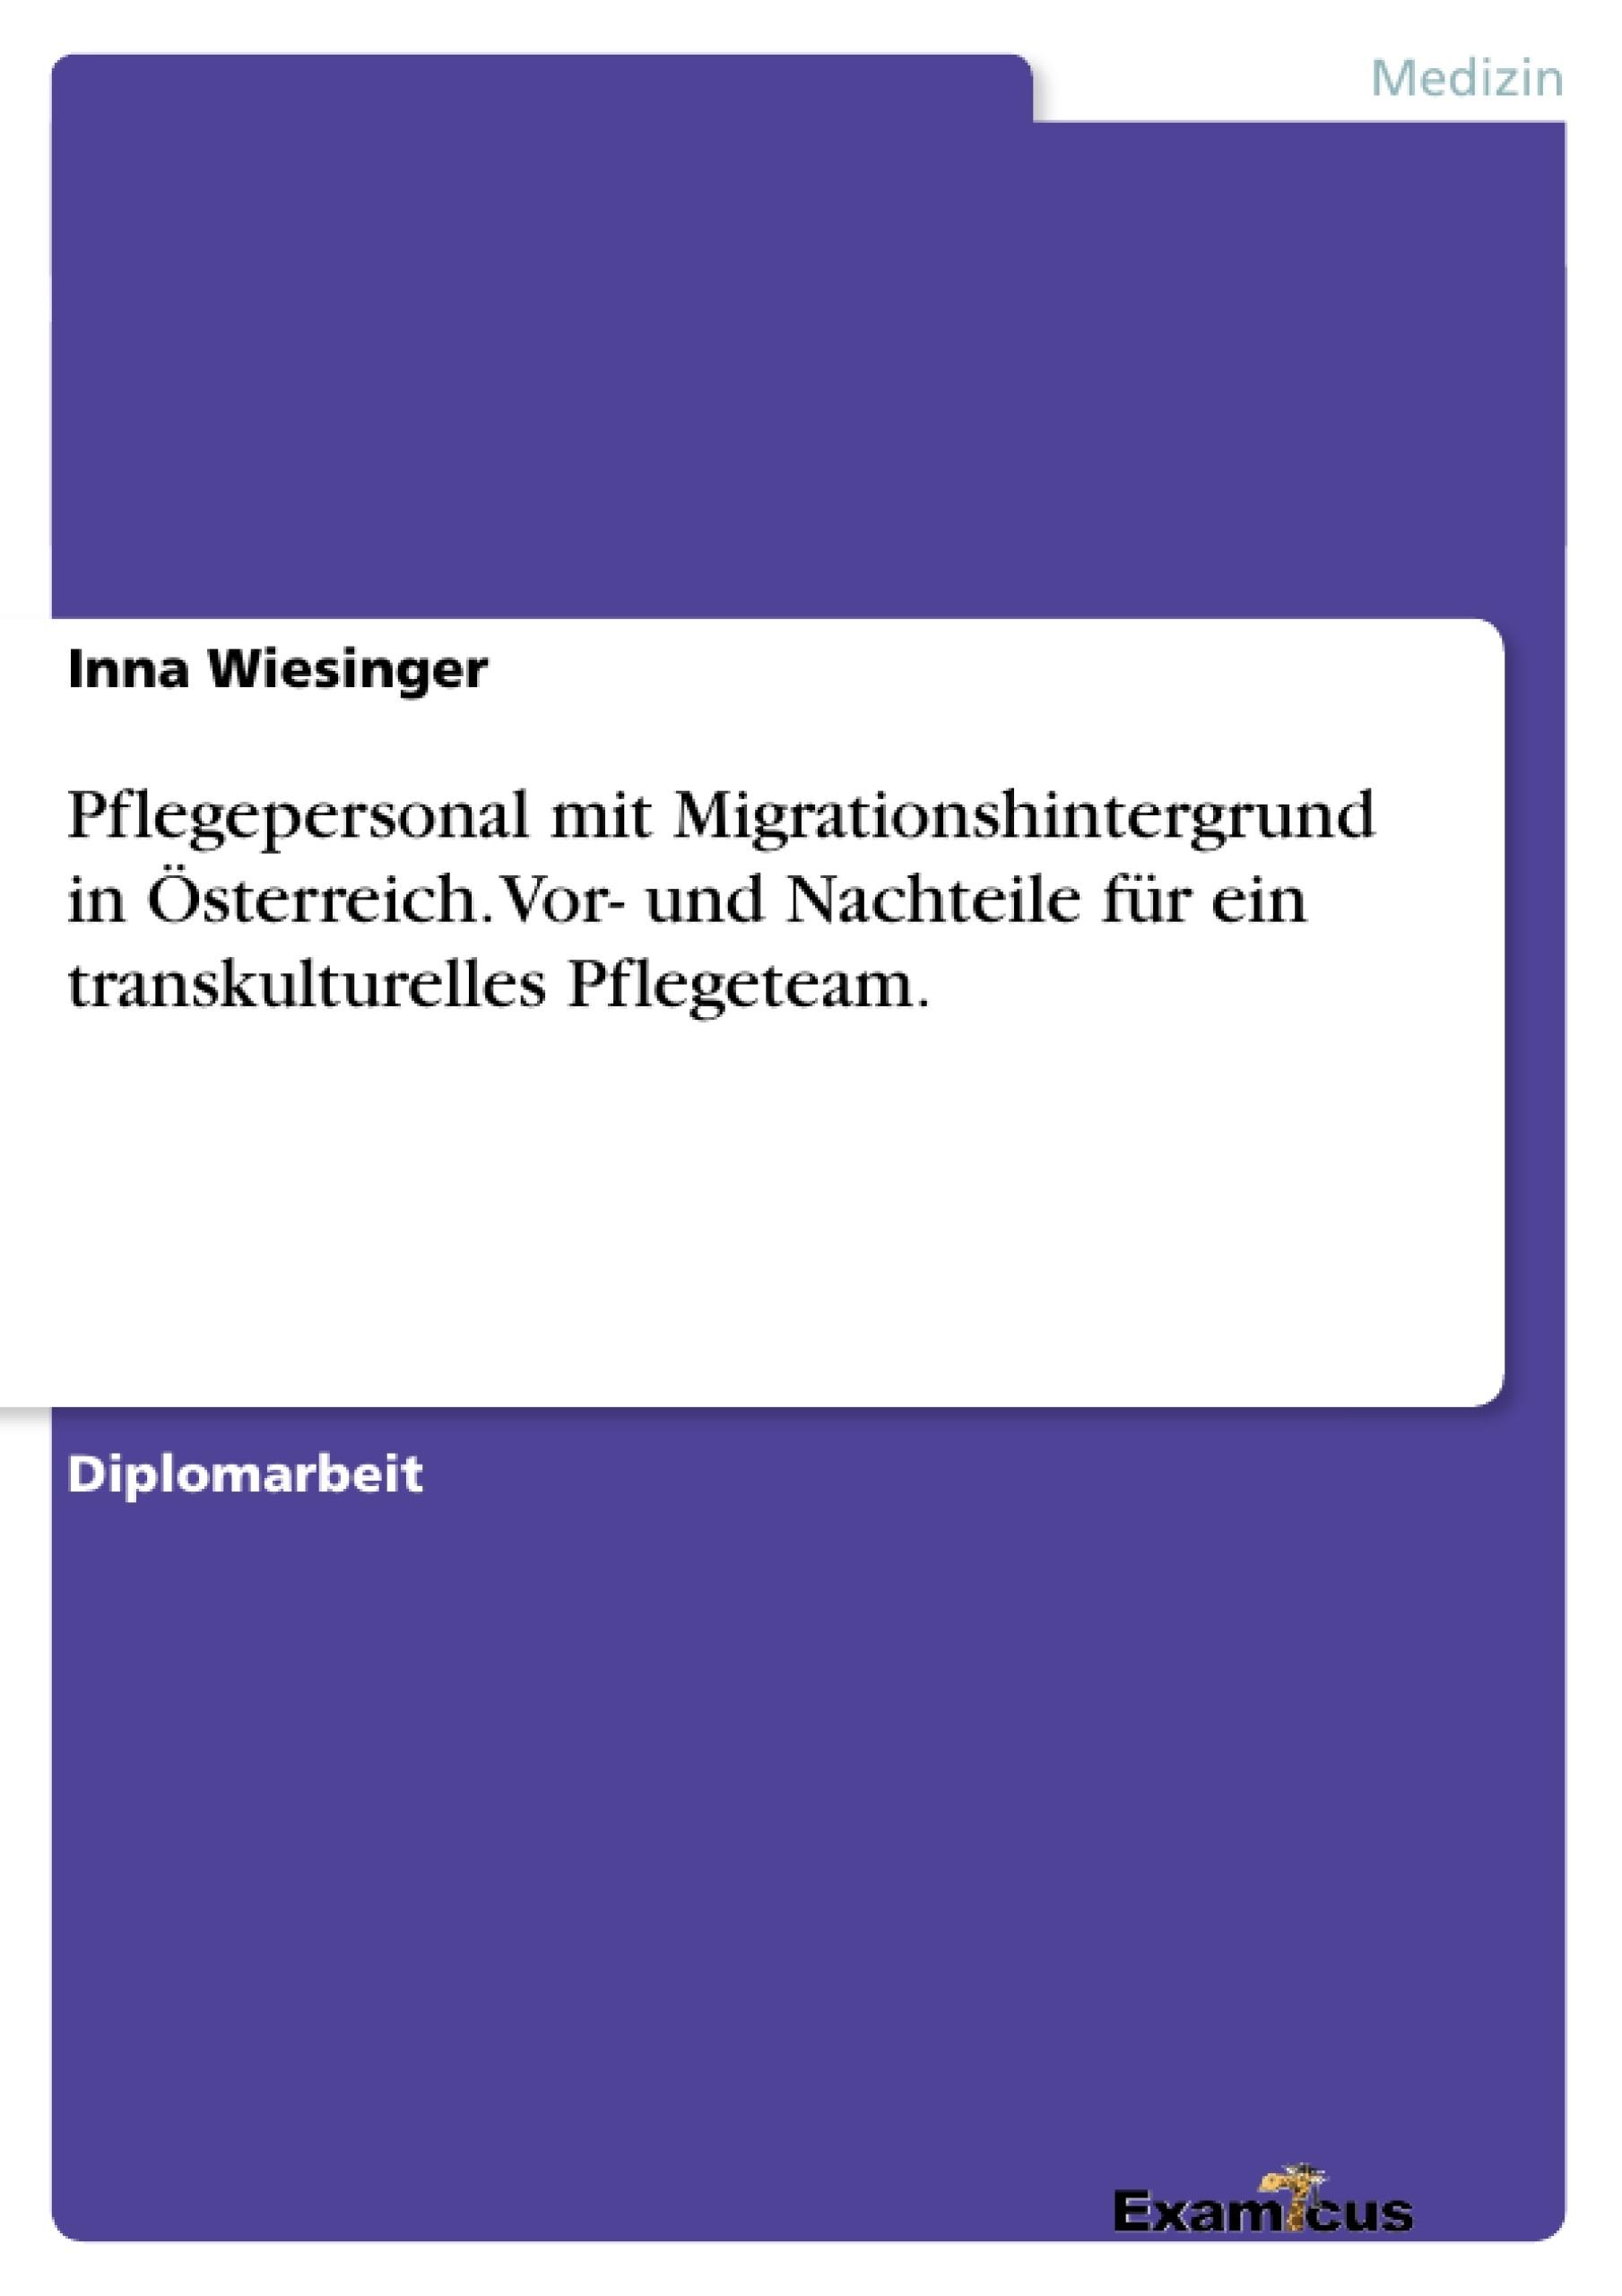 Titel: Pflegepersonal mit Migrationshintergrund in Österreich.Vor- und Nachteile für ein transkulturelles Pflegeteam.